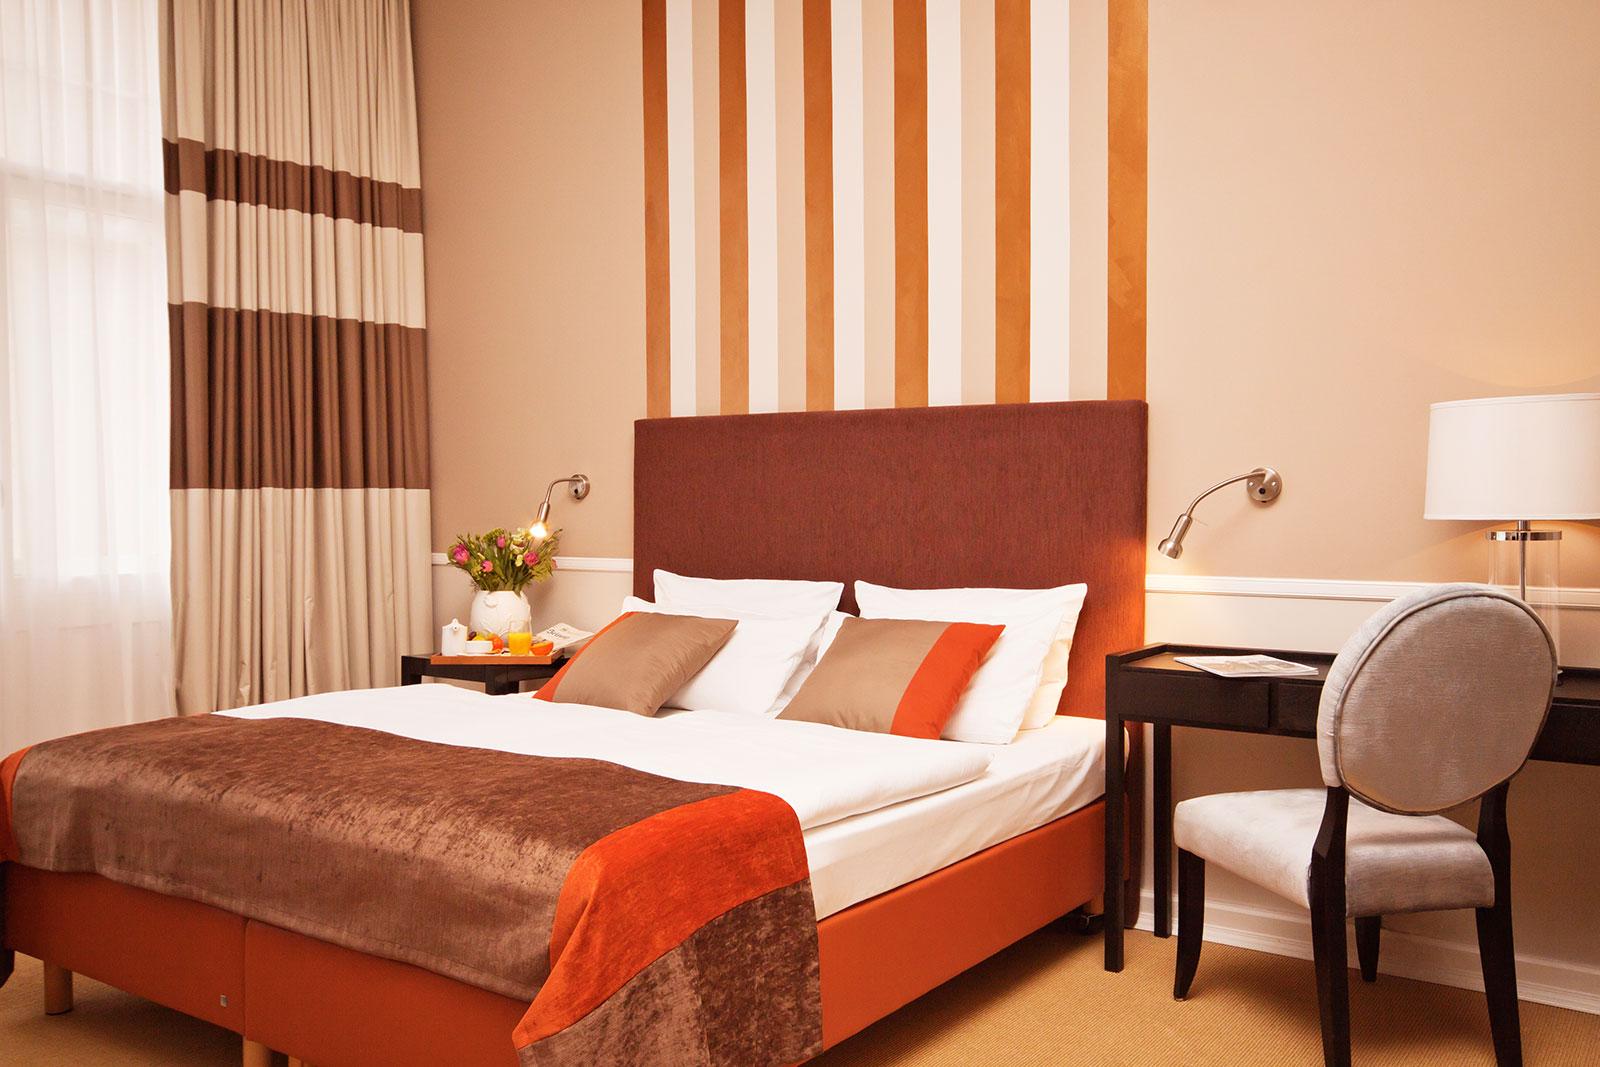 Komfort doppelbett zimmer hotel elba kurf rstendamm for Doppelbett kleines zimmer